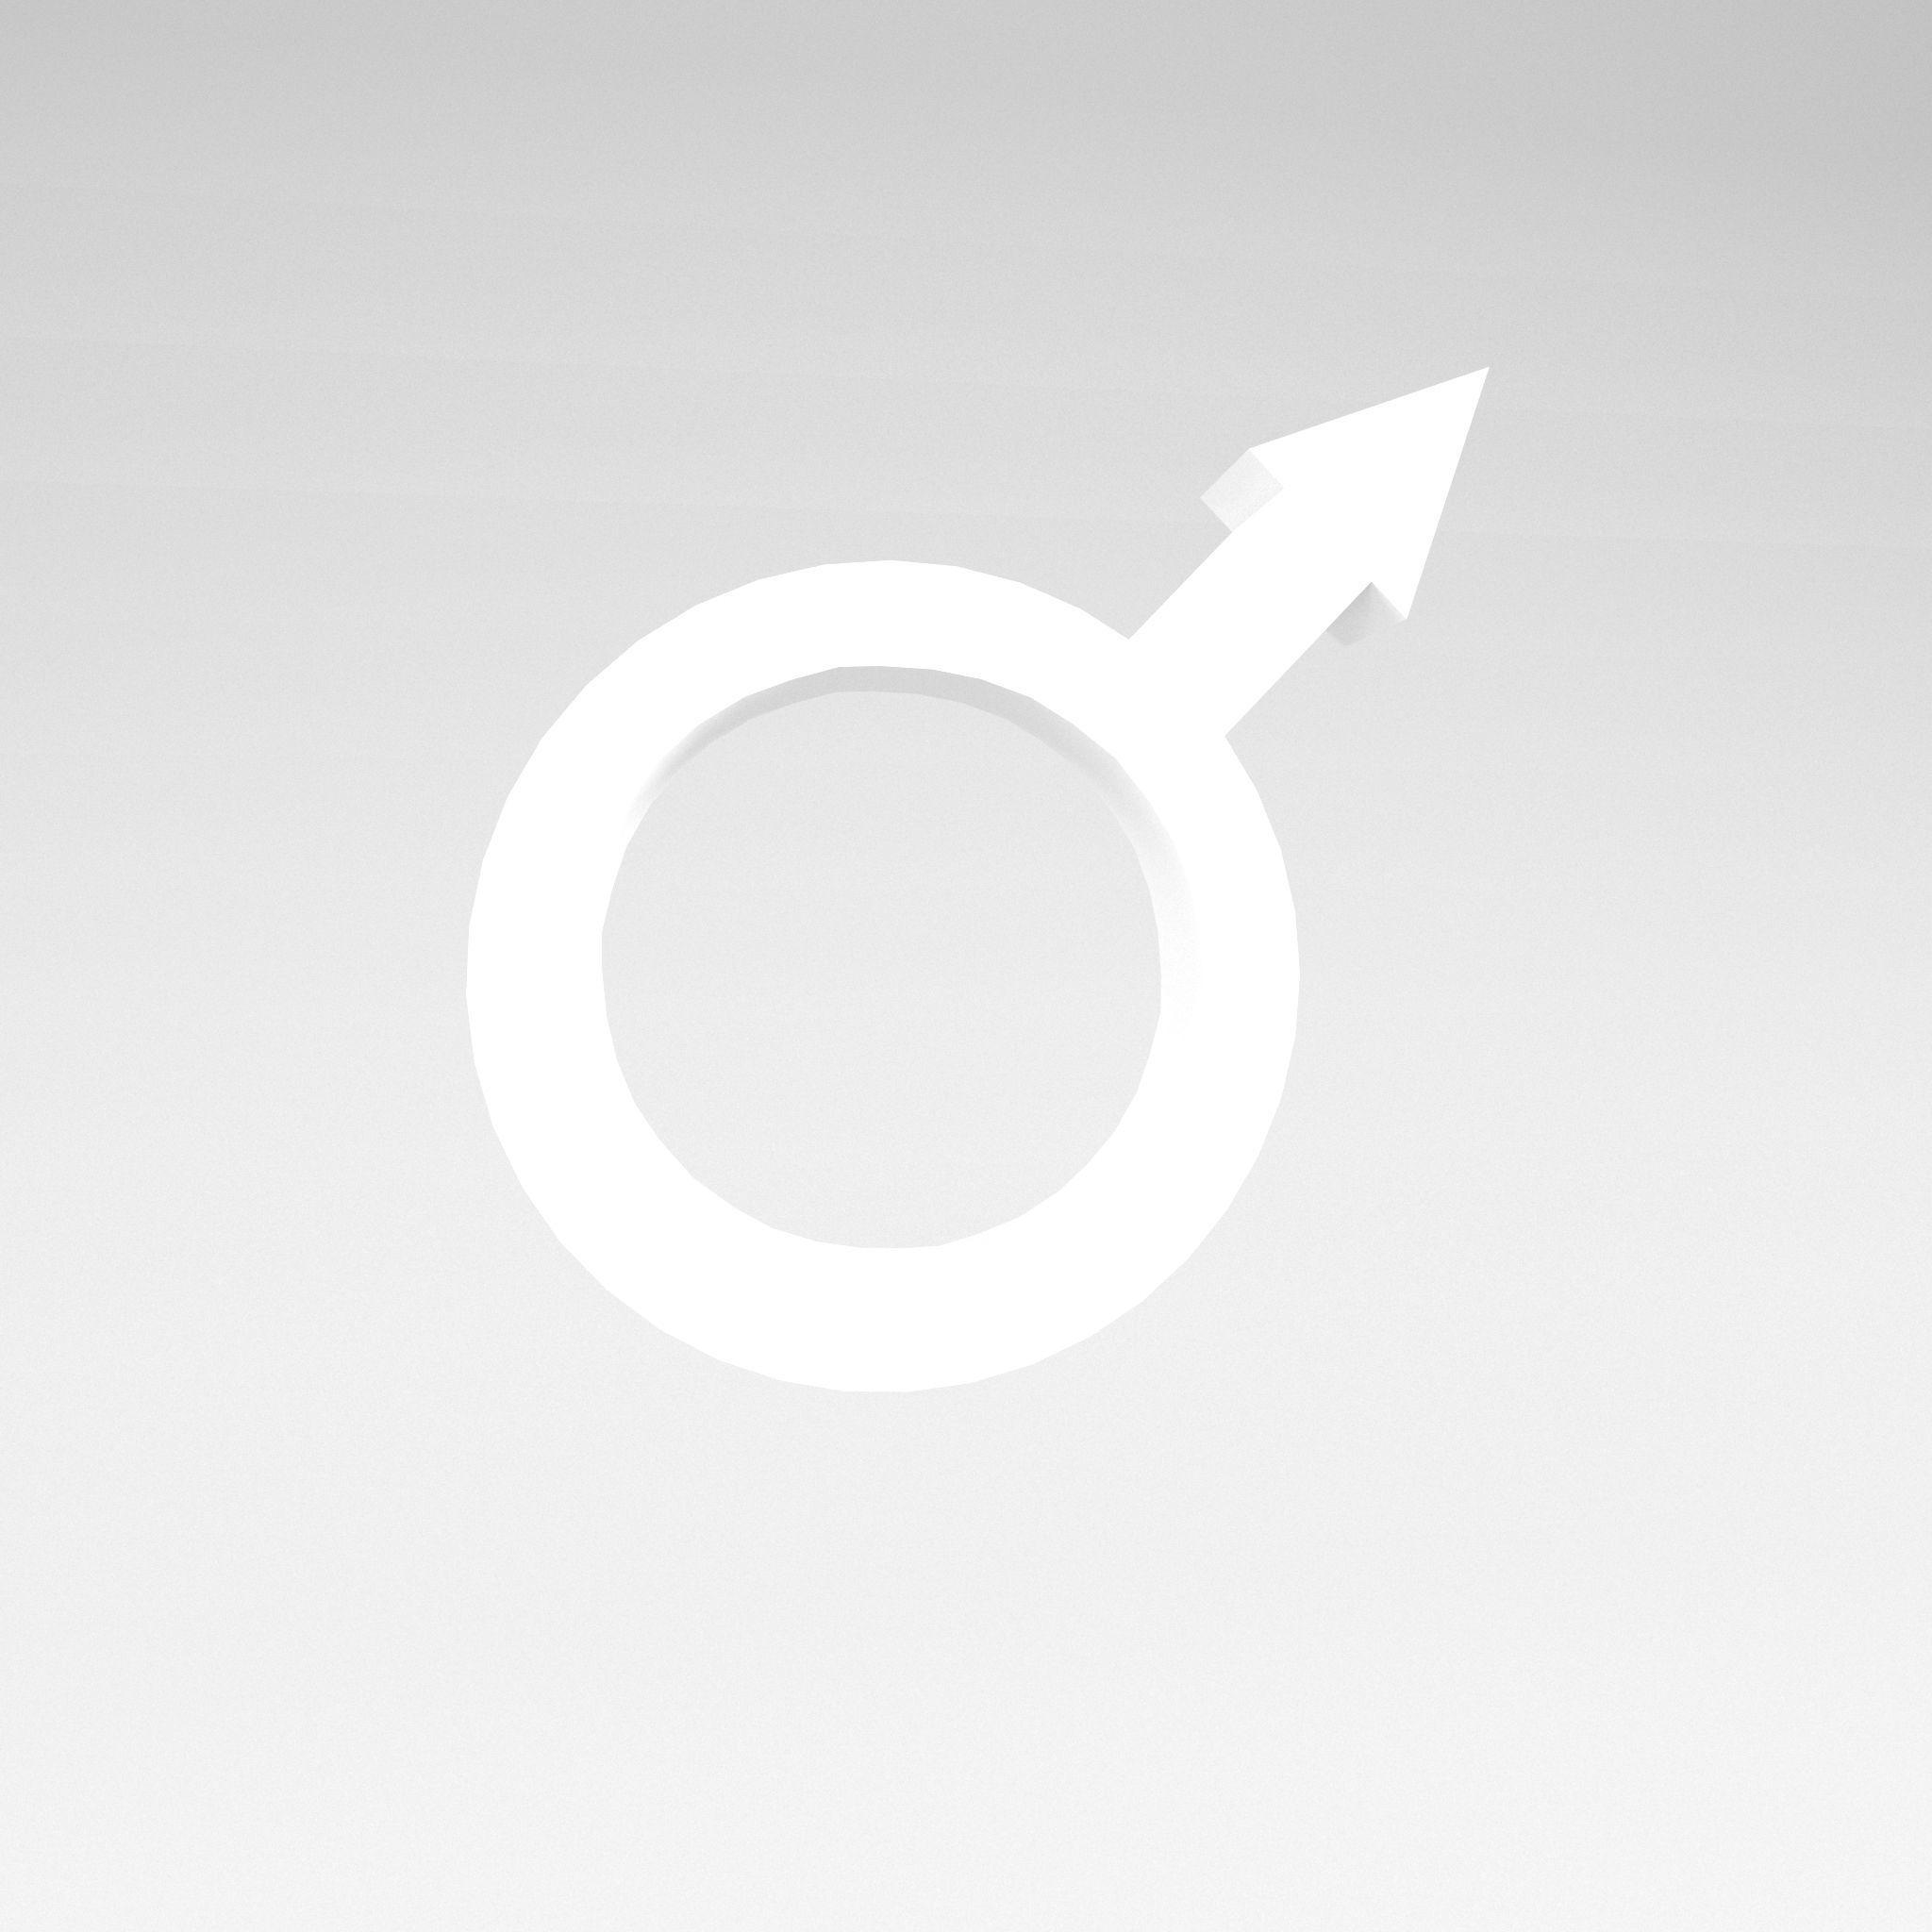 Mars Symbol v1 001